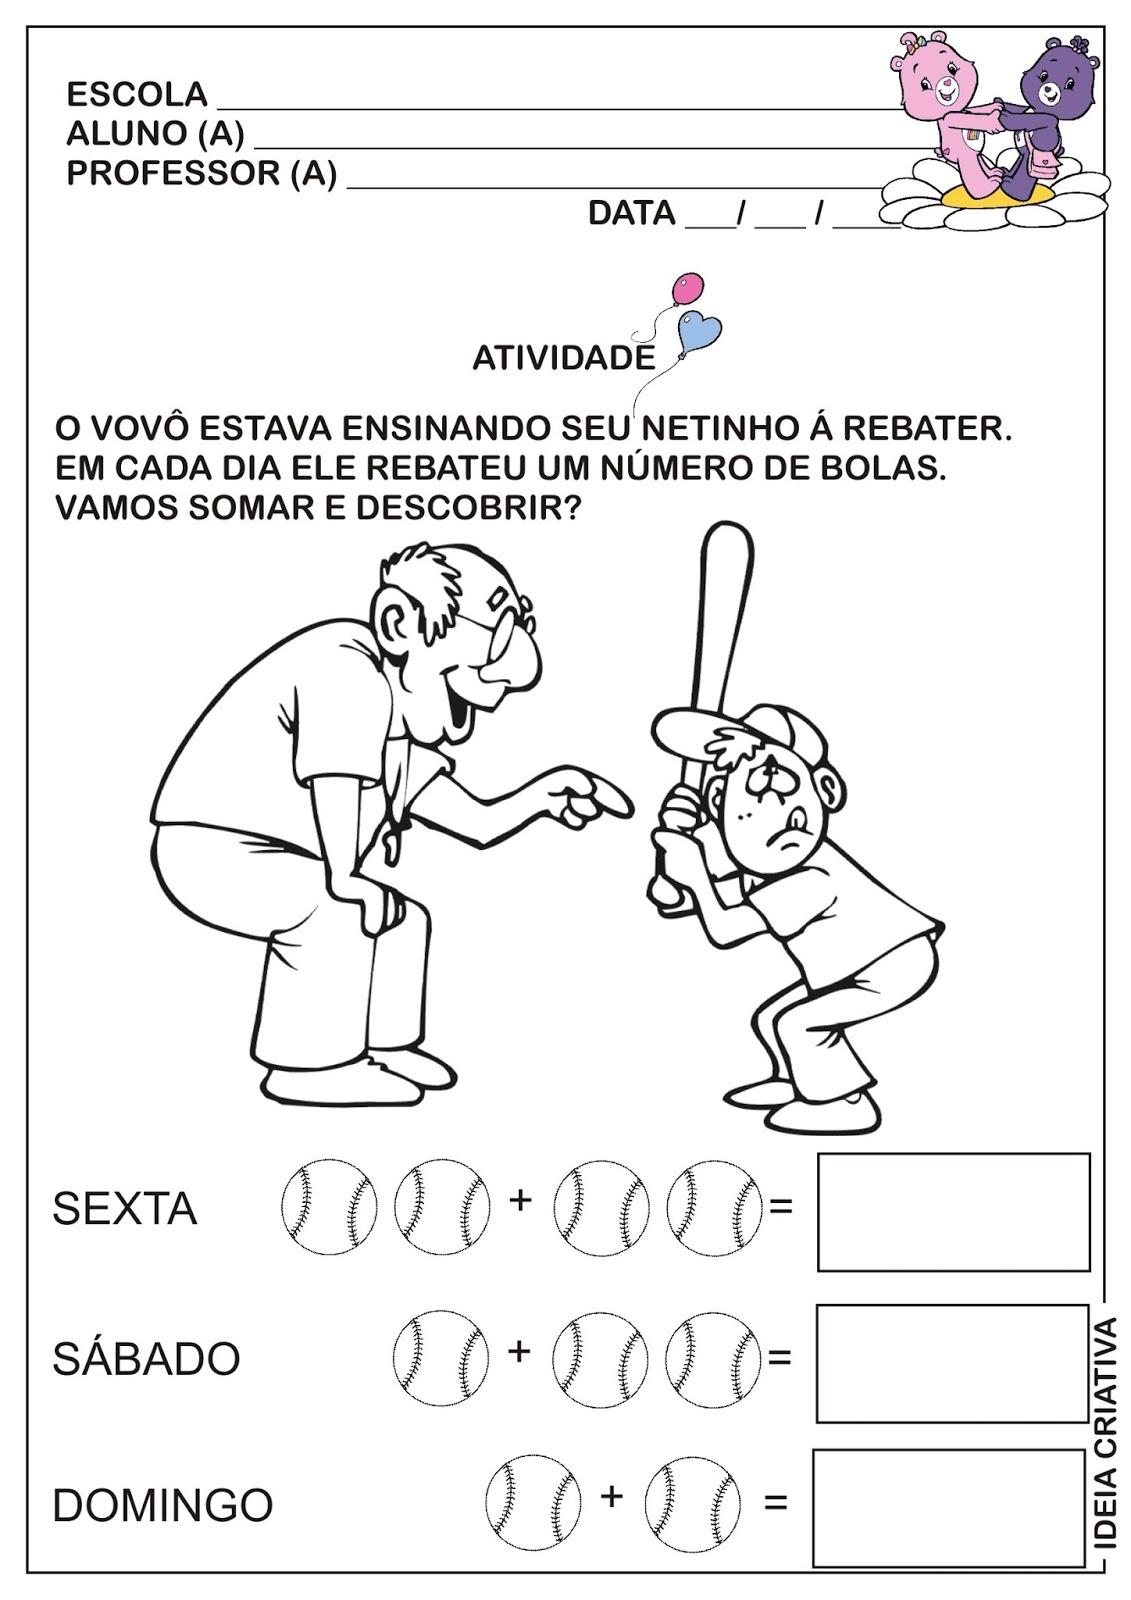 Muito Atividade Matemática Dia dos Avós Beisebol | Ideia Criativa - Gi  OG94